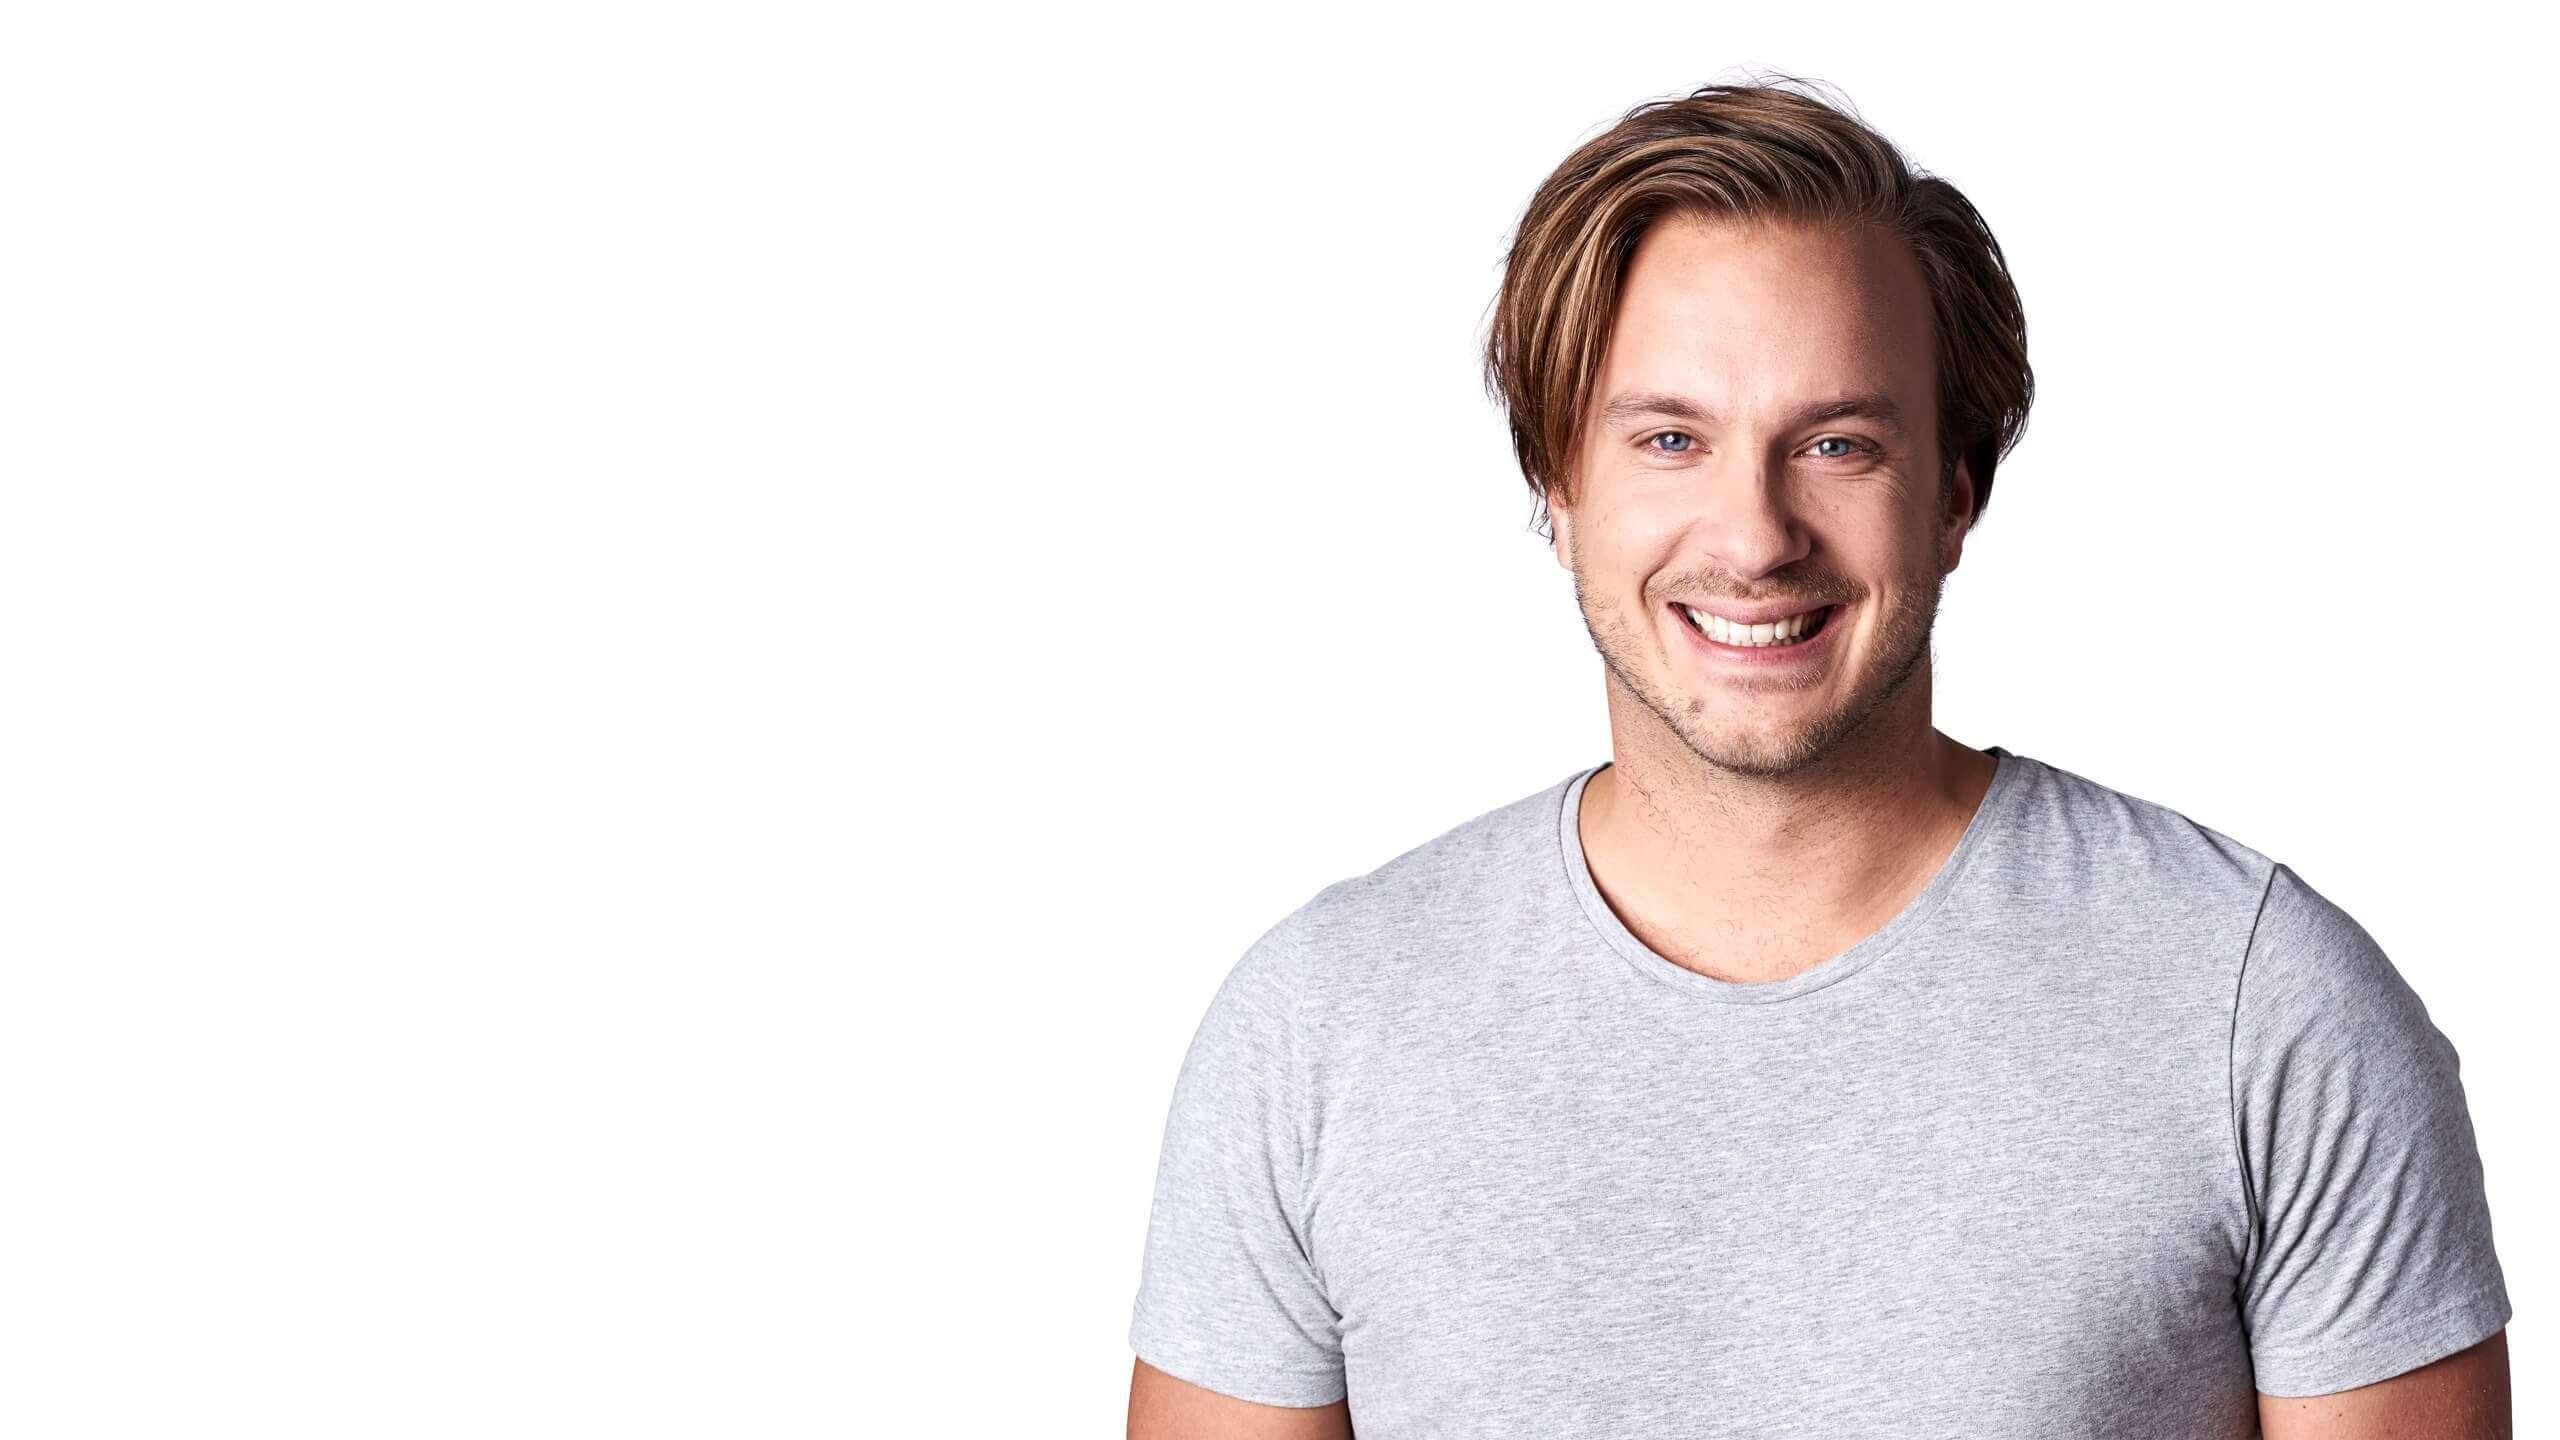 Erik Myrlund